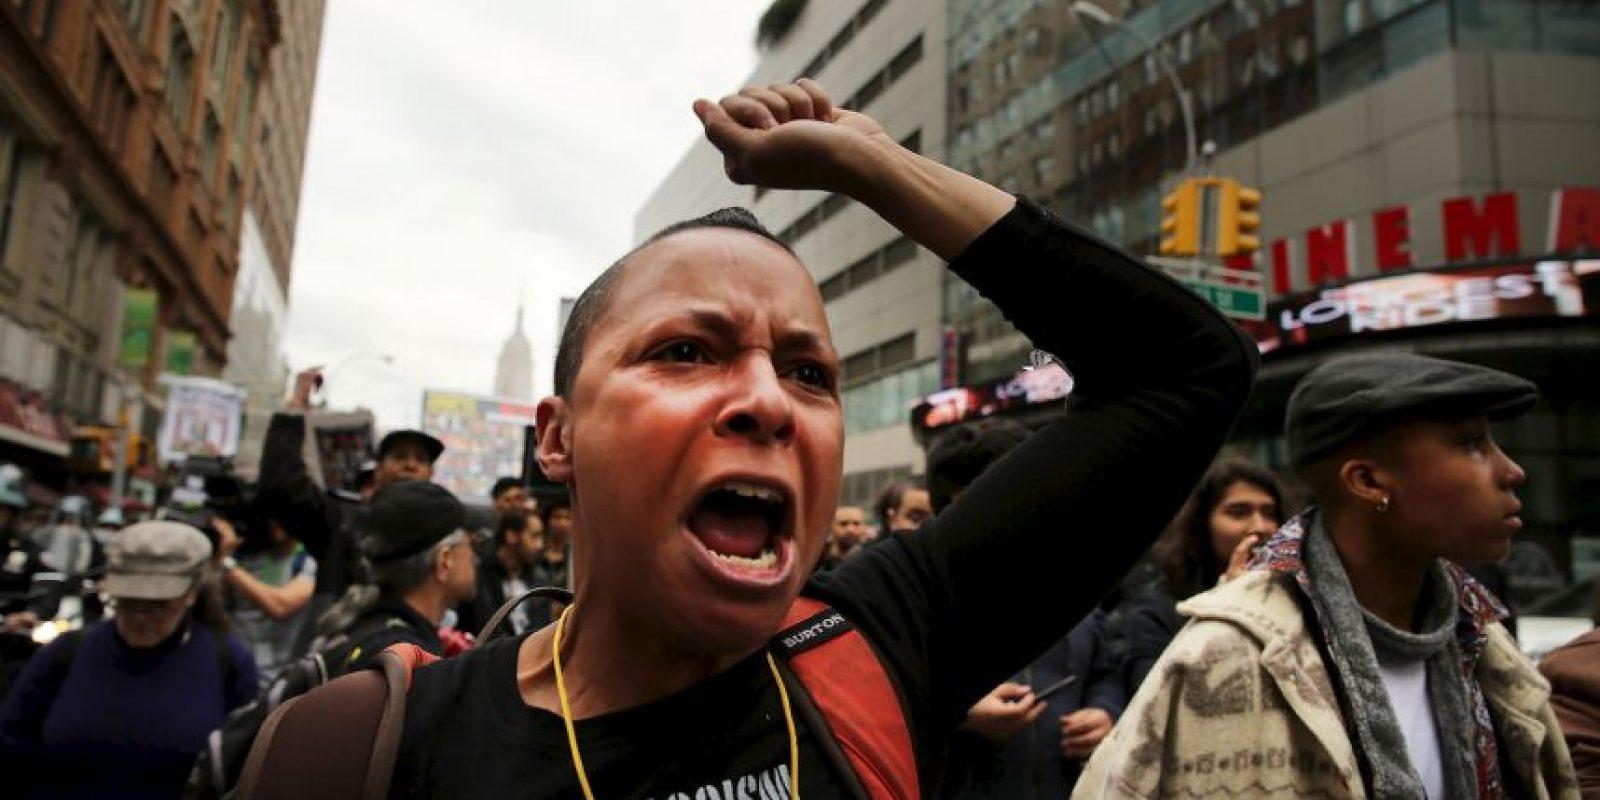 El incidente es el último de una serie de muertes muy publicitadas que implican agentes de policía. Foto:Getty Images